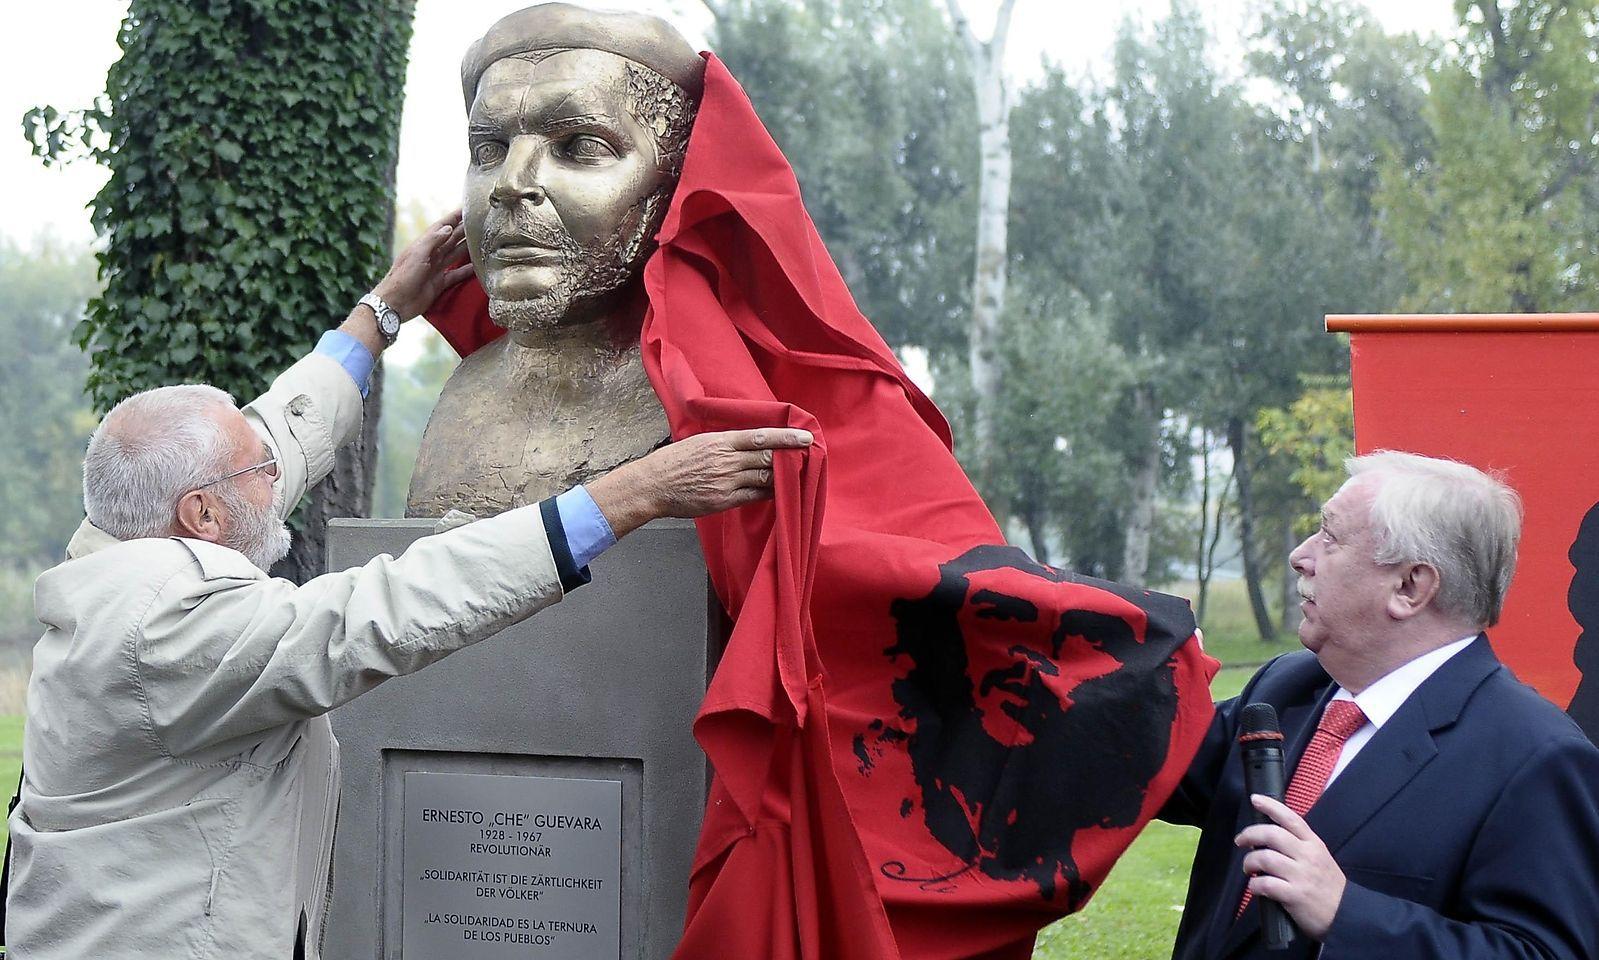 Enthüllung der Che-Guevara-Büste durch Bürgermeister Michael Häupl (r.) und Alfred Kohlbacher (Initiative für das Denkmal) am 9. Oktober 2008